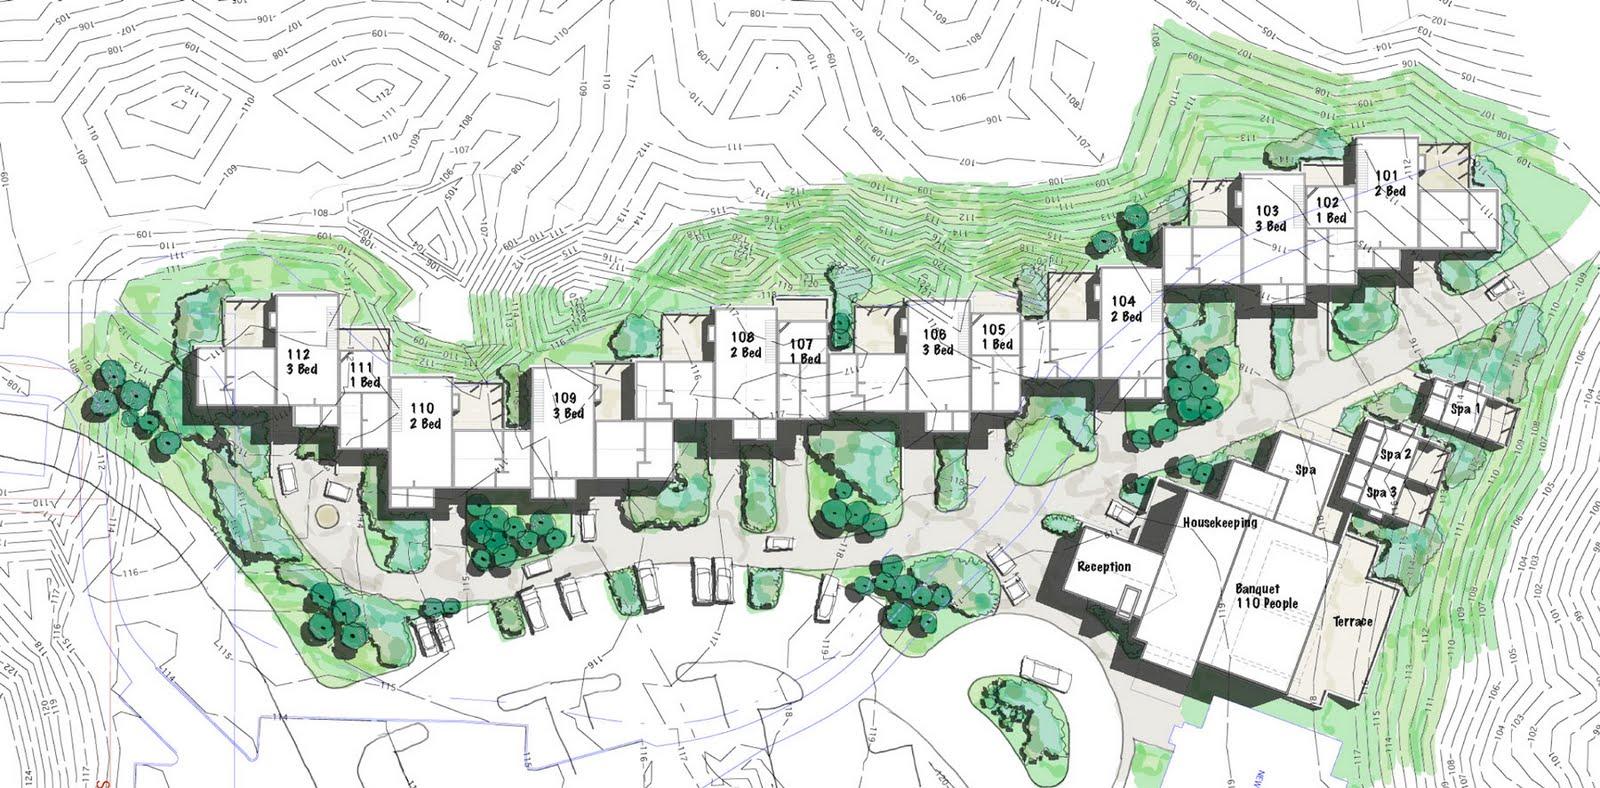 Mcm design sandpines golf resort for Site plan design